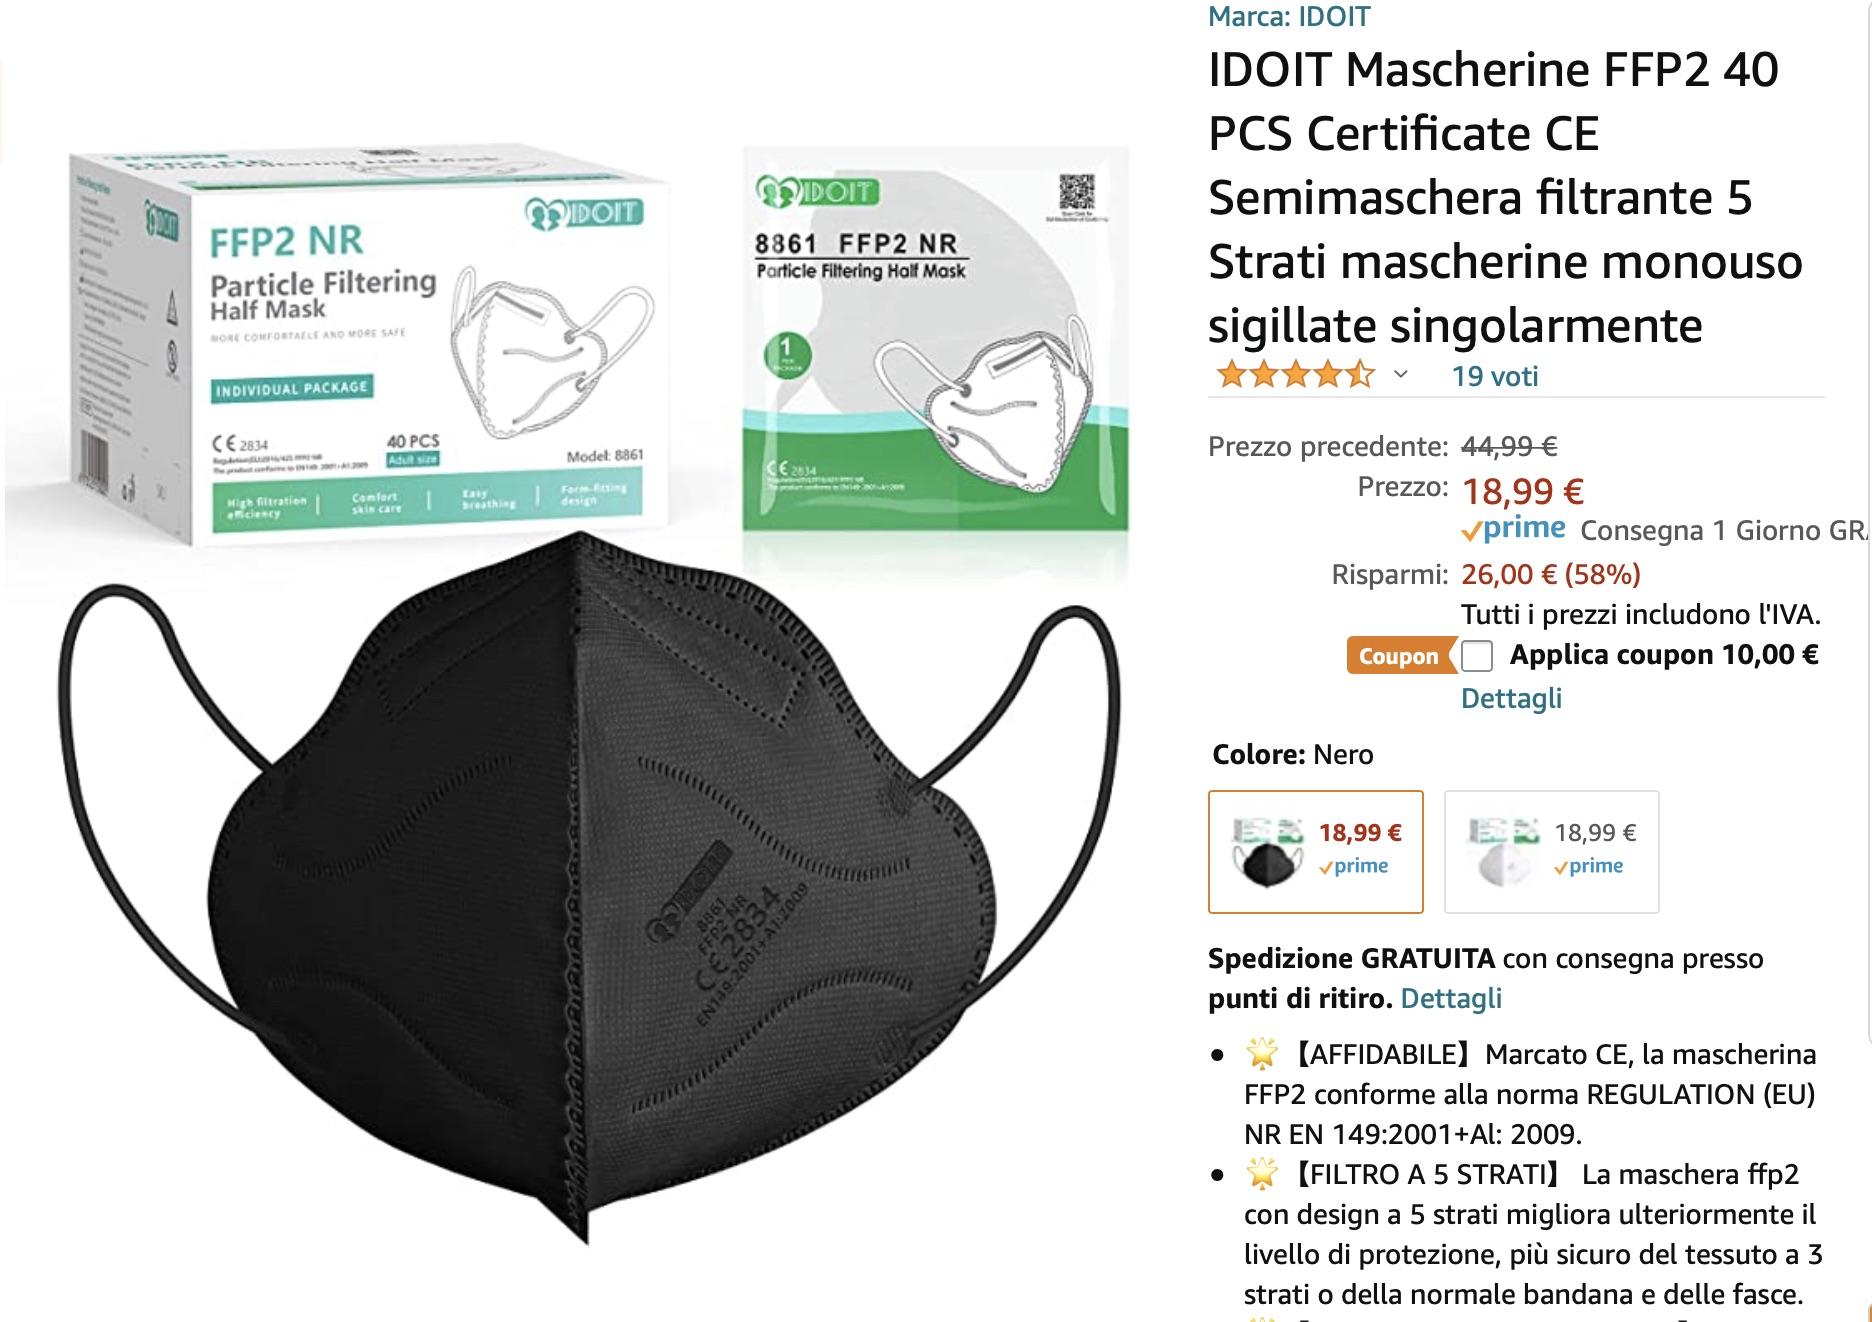 Errore di prezzo: 40 mascherine certificate a 8,99 € su Amazon: 22 cent l'una!